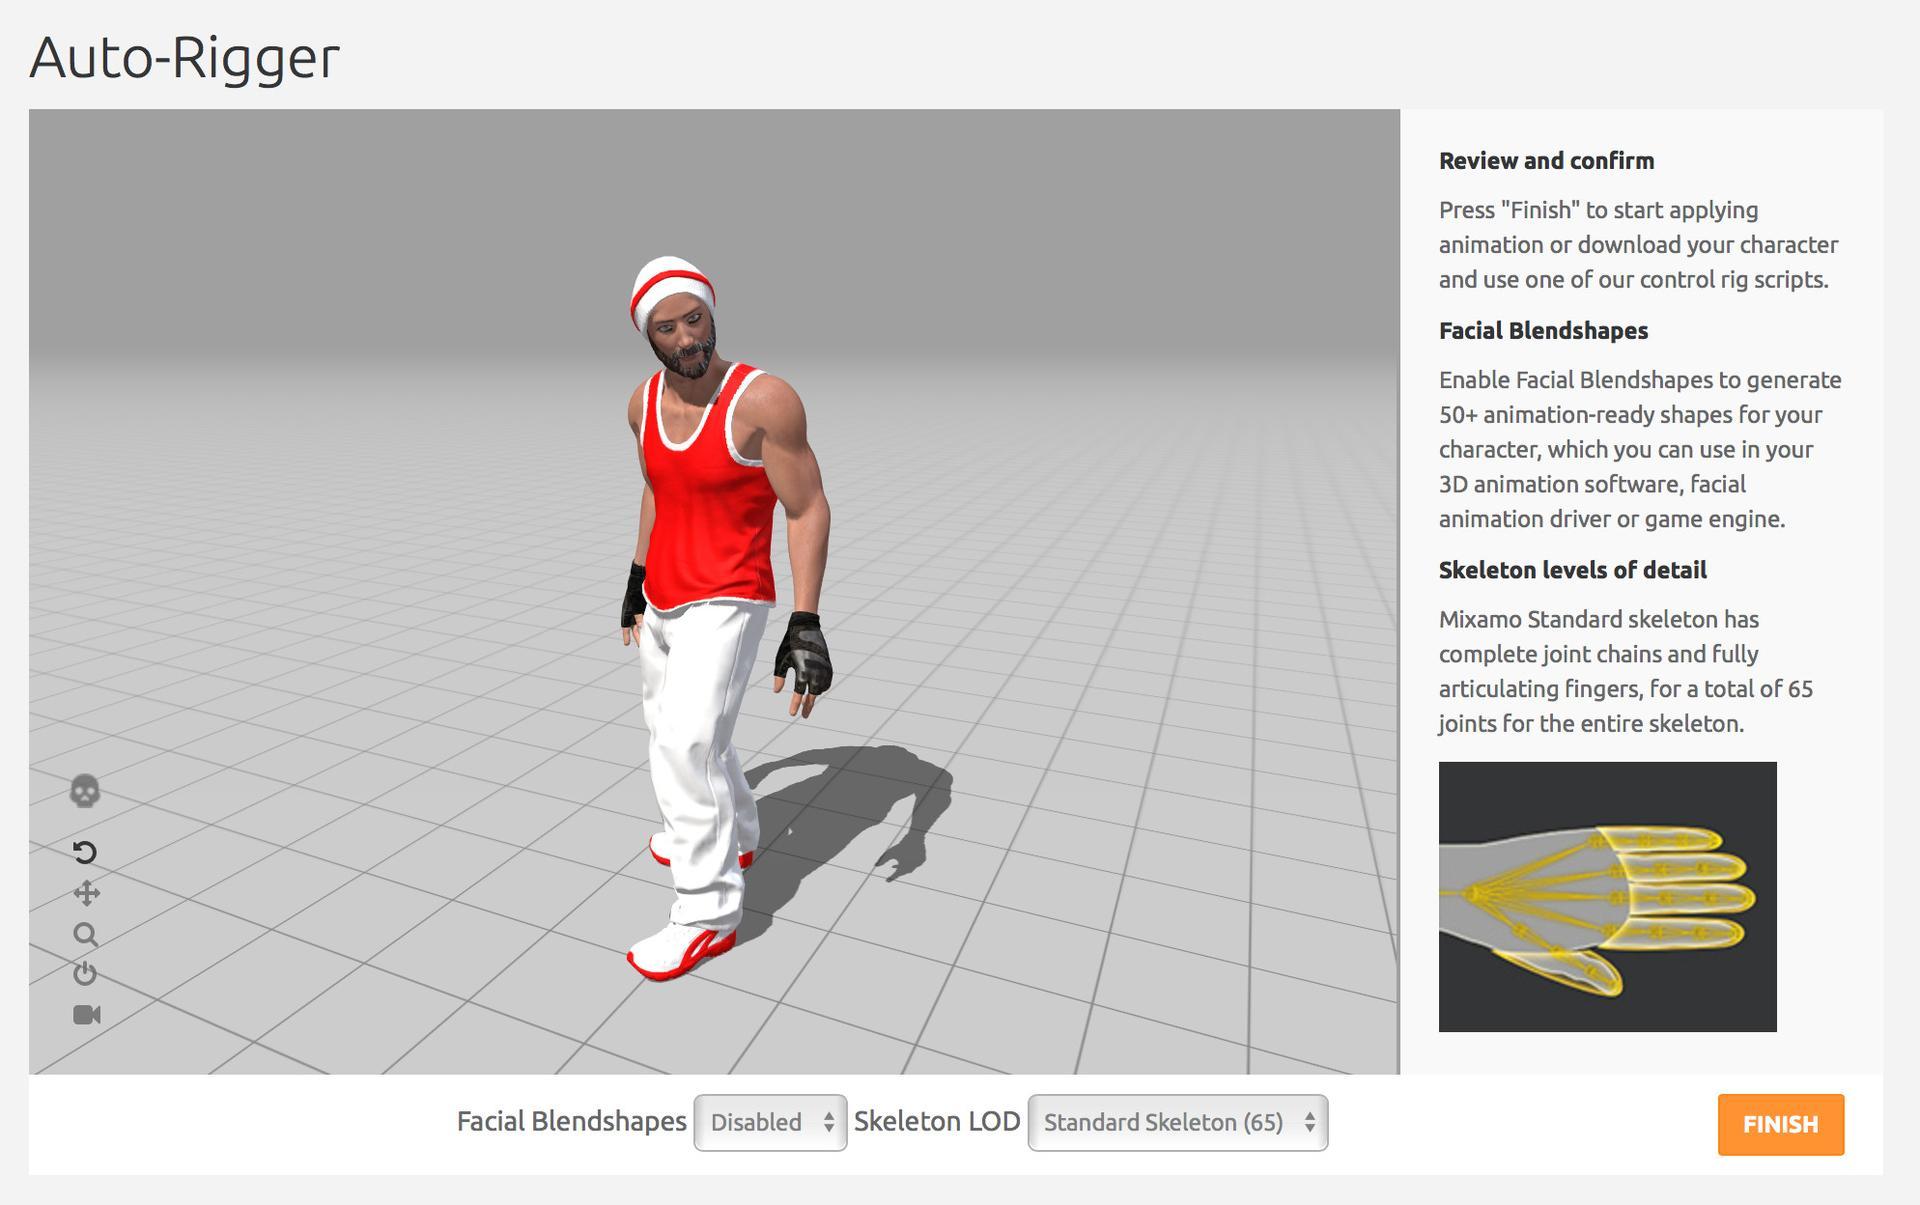 3D моделирование и анимация: руководство для начинающих - 17